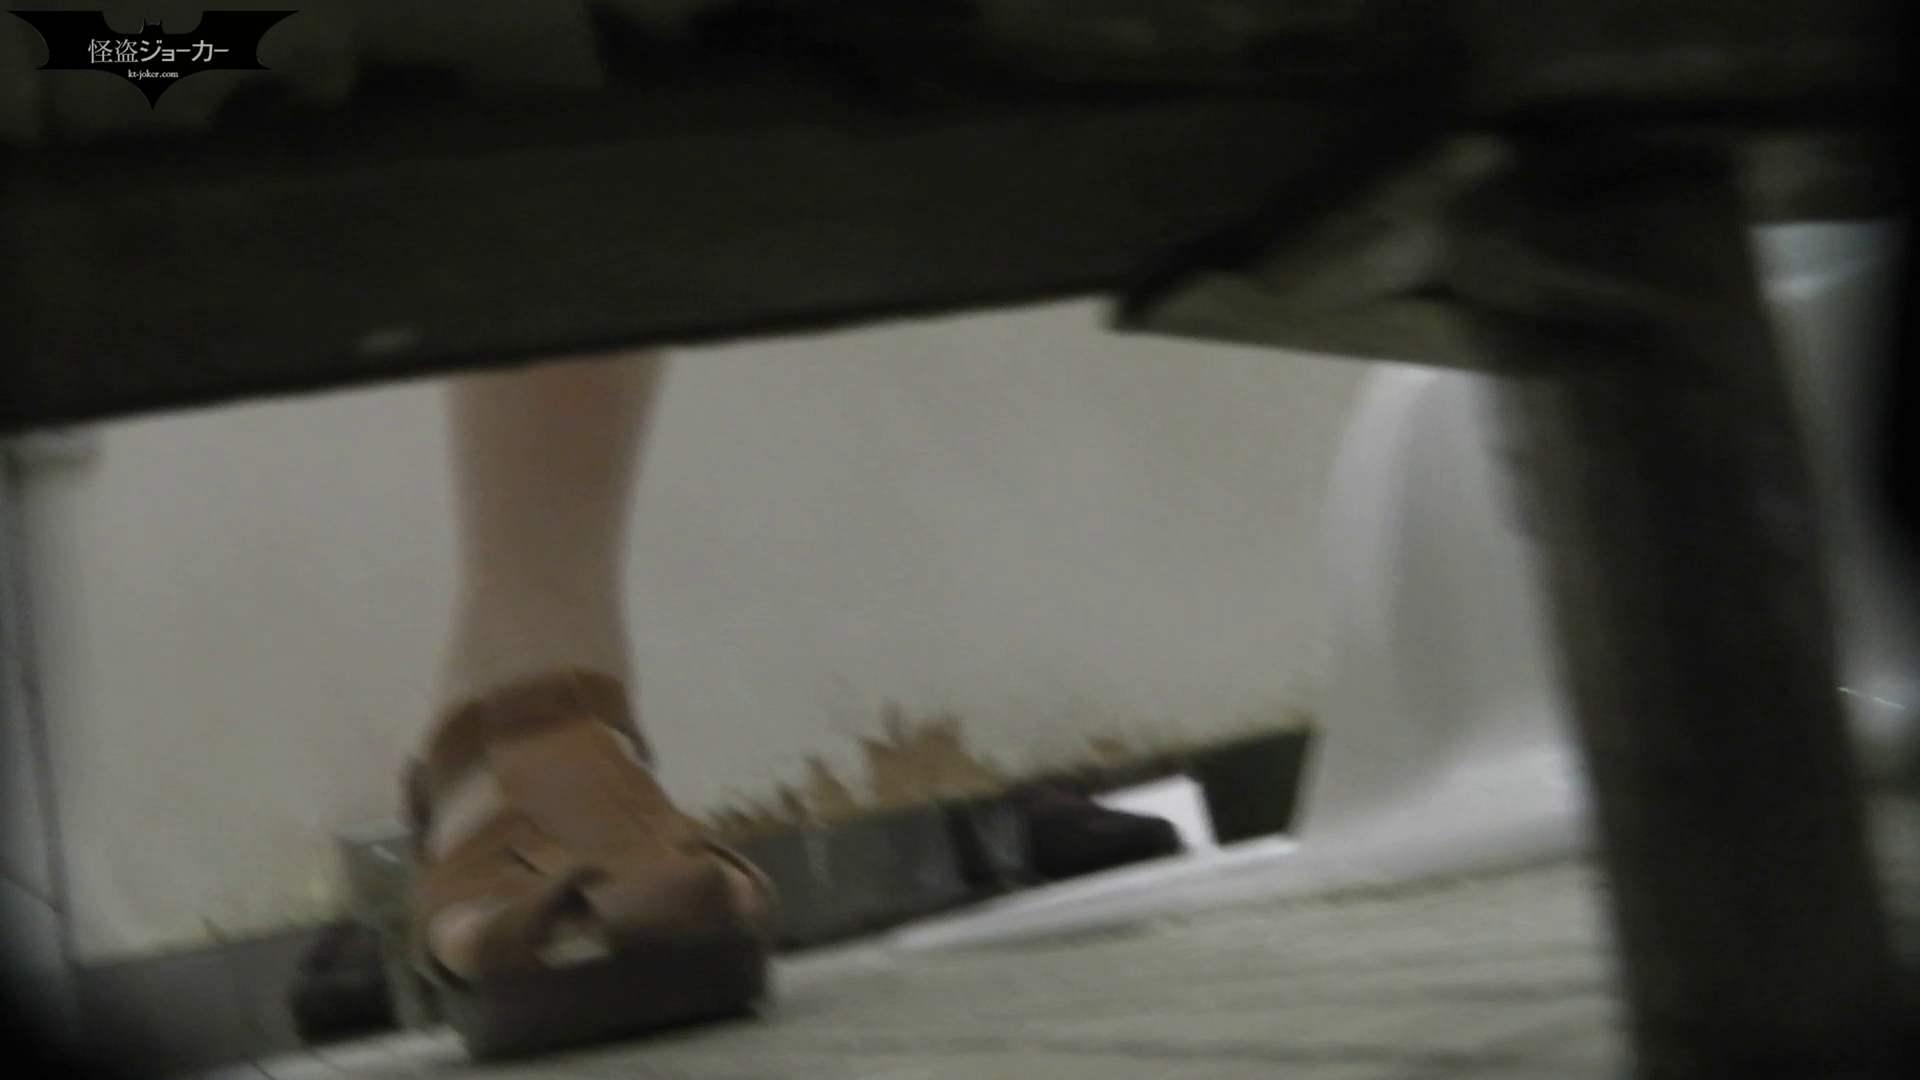 洗面所特攻隊 vol.047 モリモリ、ふきふきにスーパーズーム! 高画質 われめAV動画紹介 101枚 59